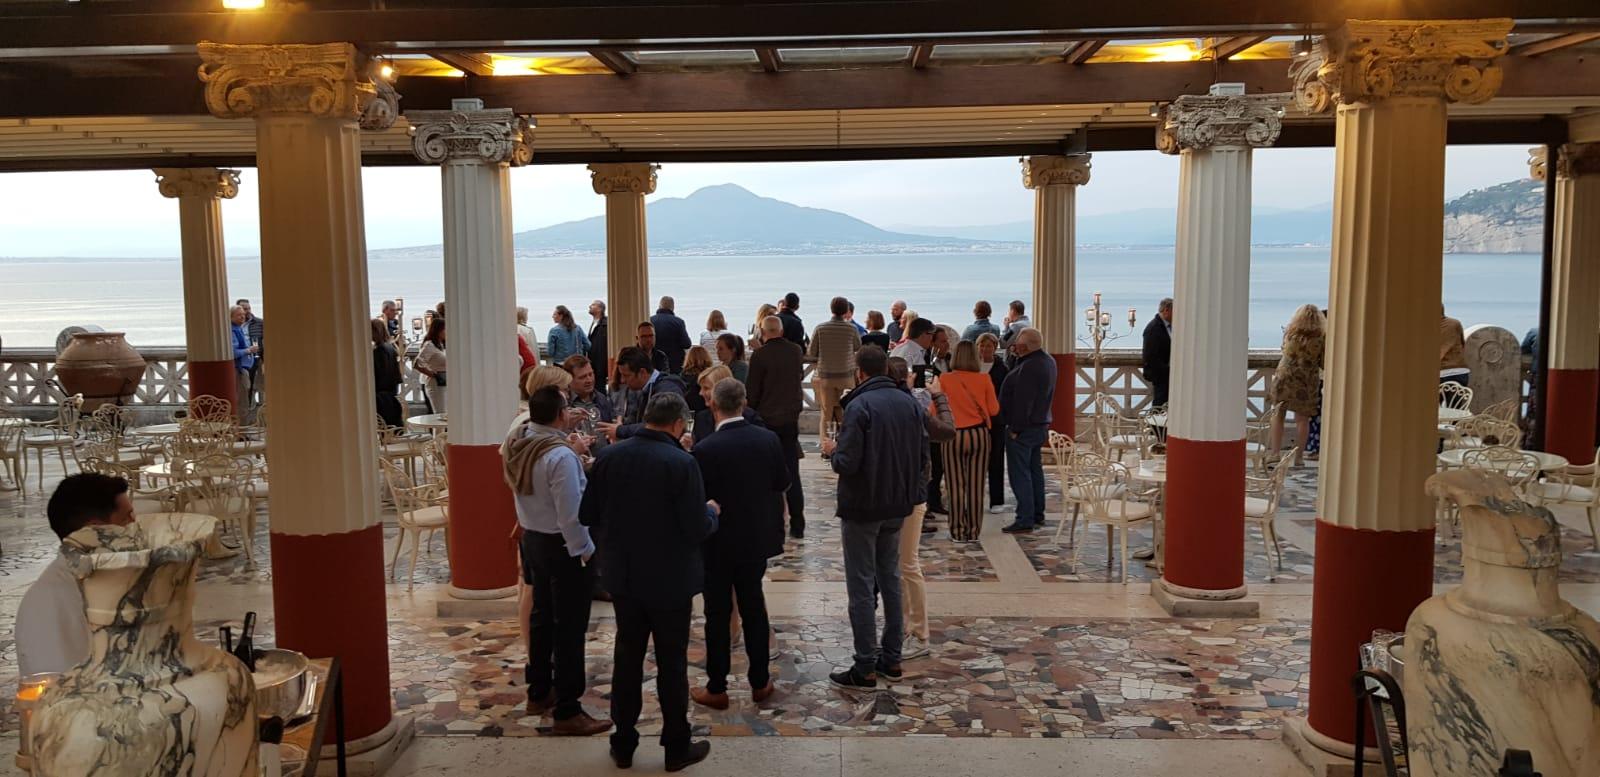 Immagine Azienda gas e petrolio – Napoli e Costiera Amalfitana – 320 persone – Incentive